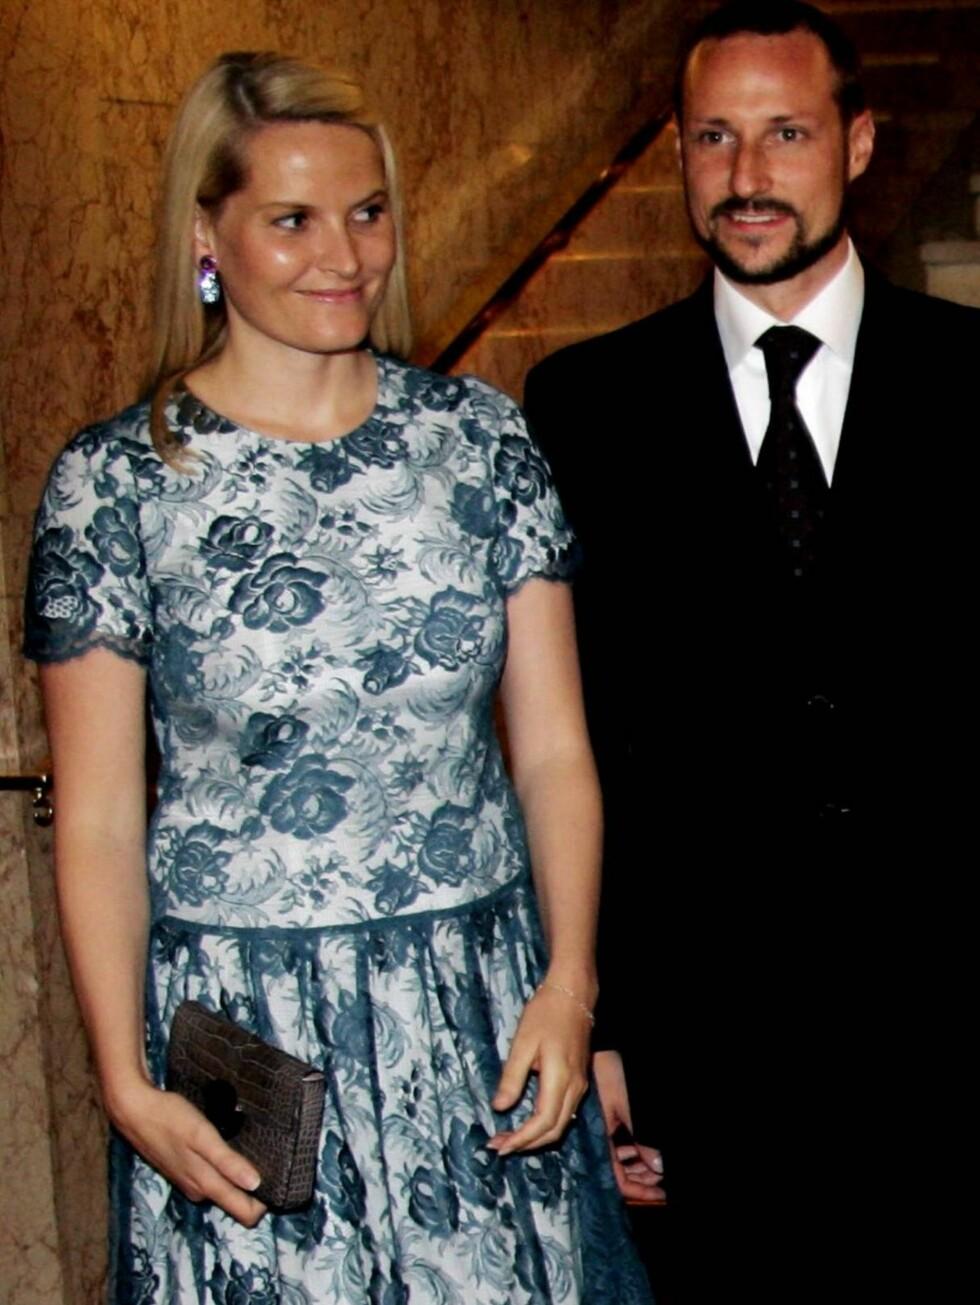 FIKK REAKSJONER: I følge svenskene ser Mette-Marits kjole ut som om den kommer fra Coops lagersalg. Hva syns du? Foto: SCANPIX